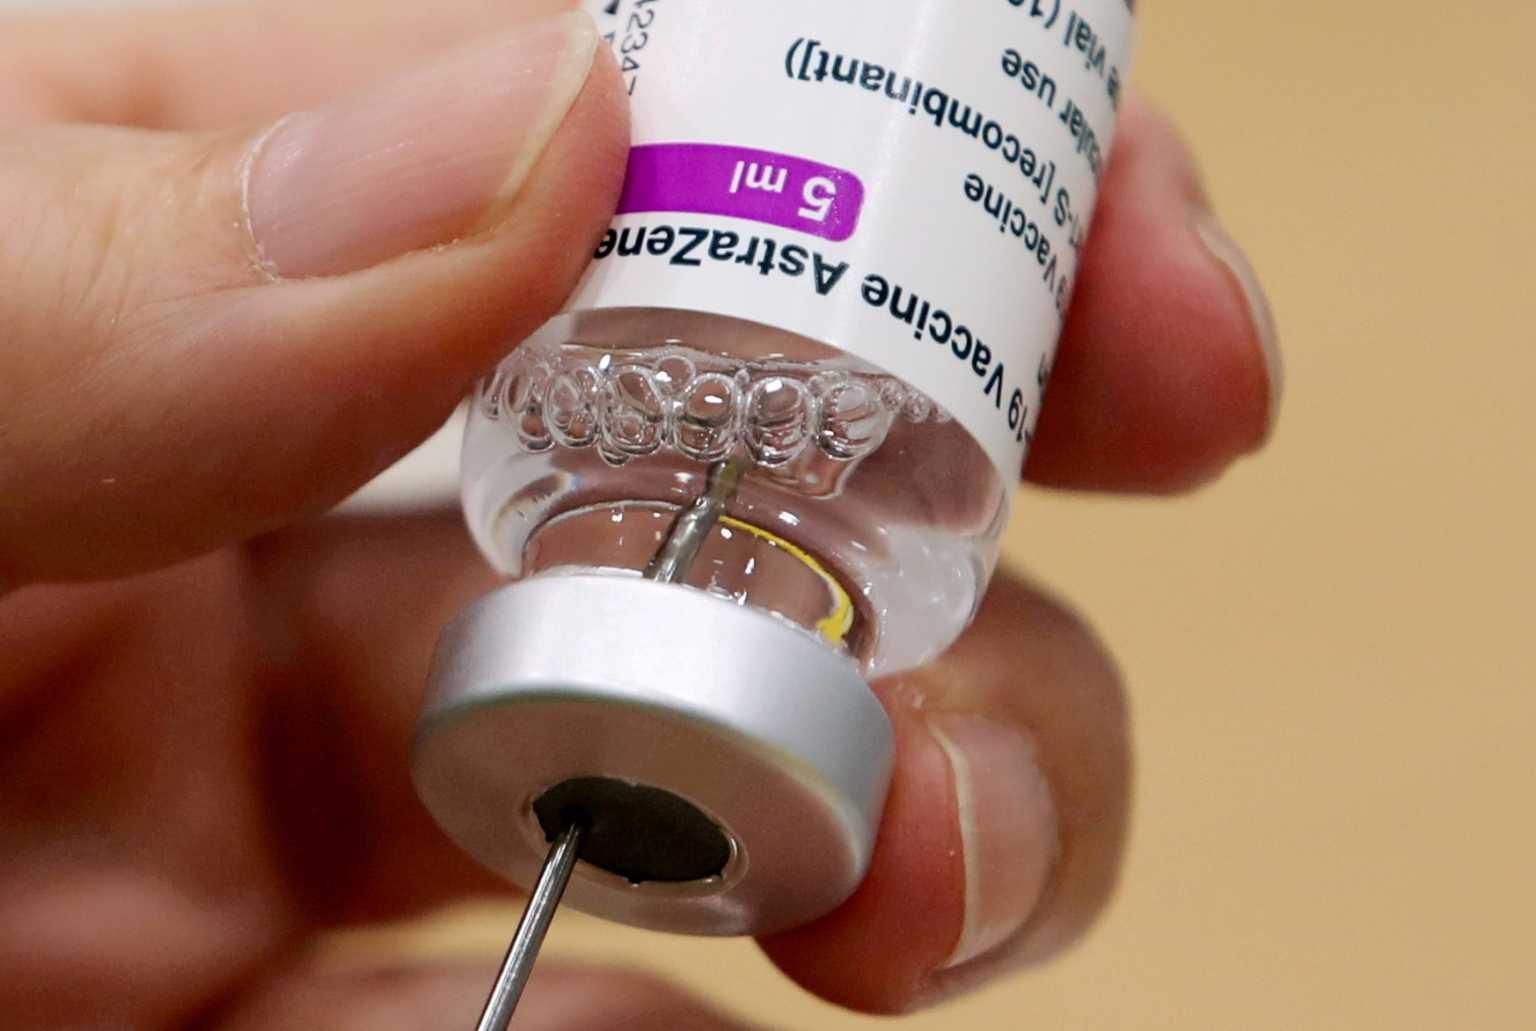 Πέθανε 63χρονη στην Μυτιλήνη από επιπλοκές του εμβολίου της AstraZeneca